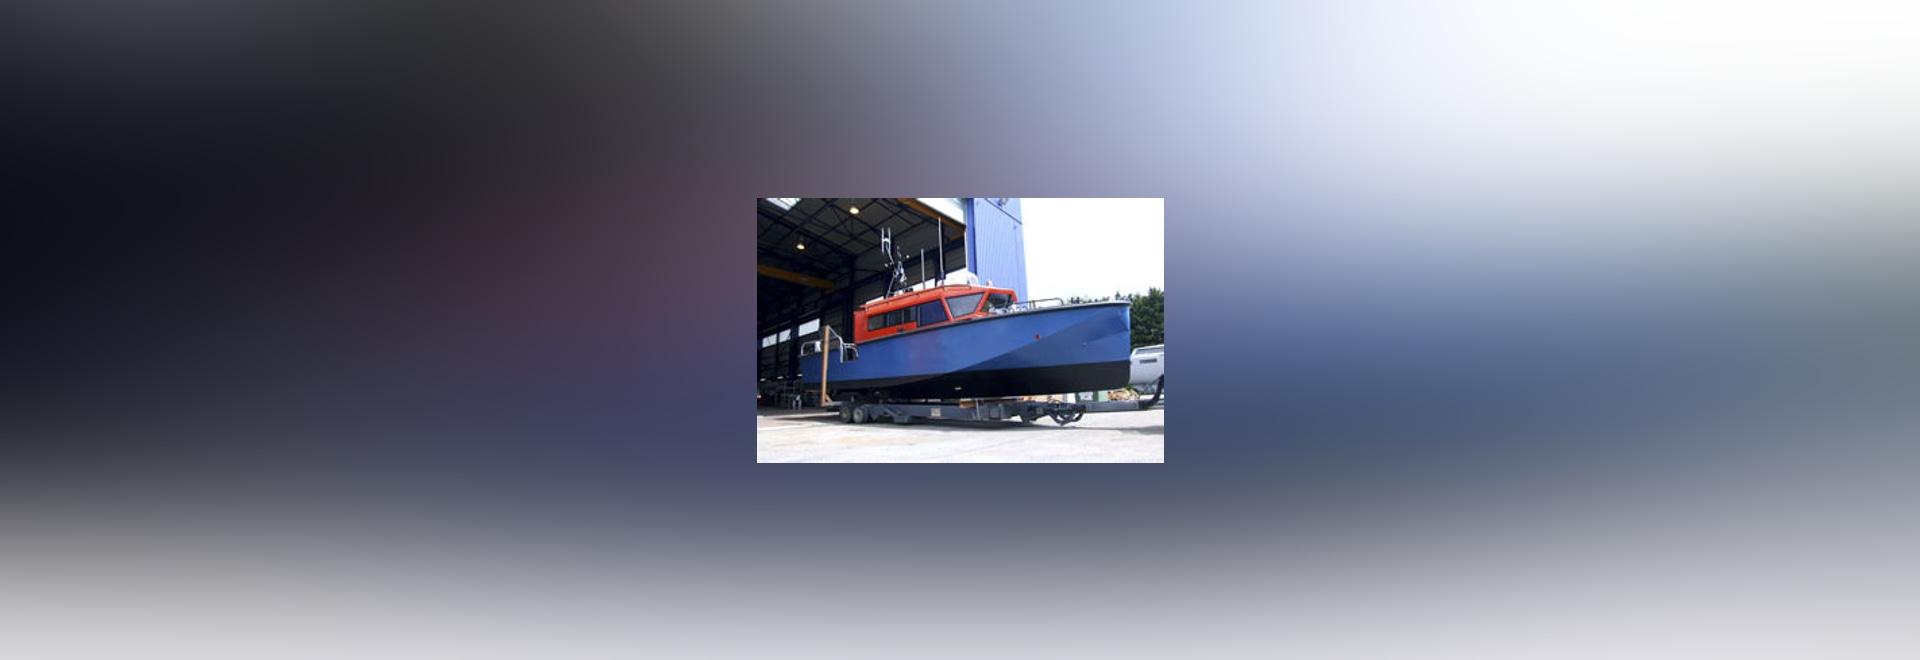 NUOVO: nave di soccorso di alluminio da Alumarine Shipyard